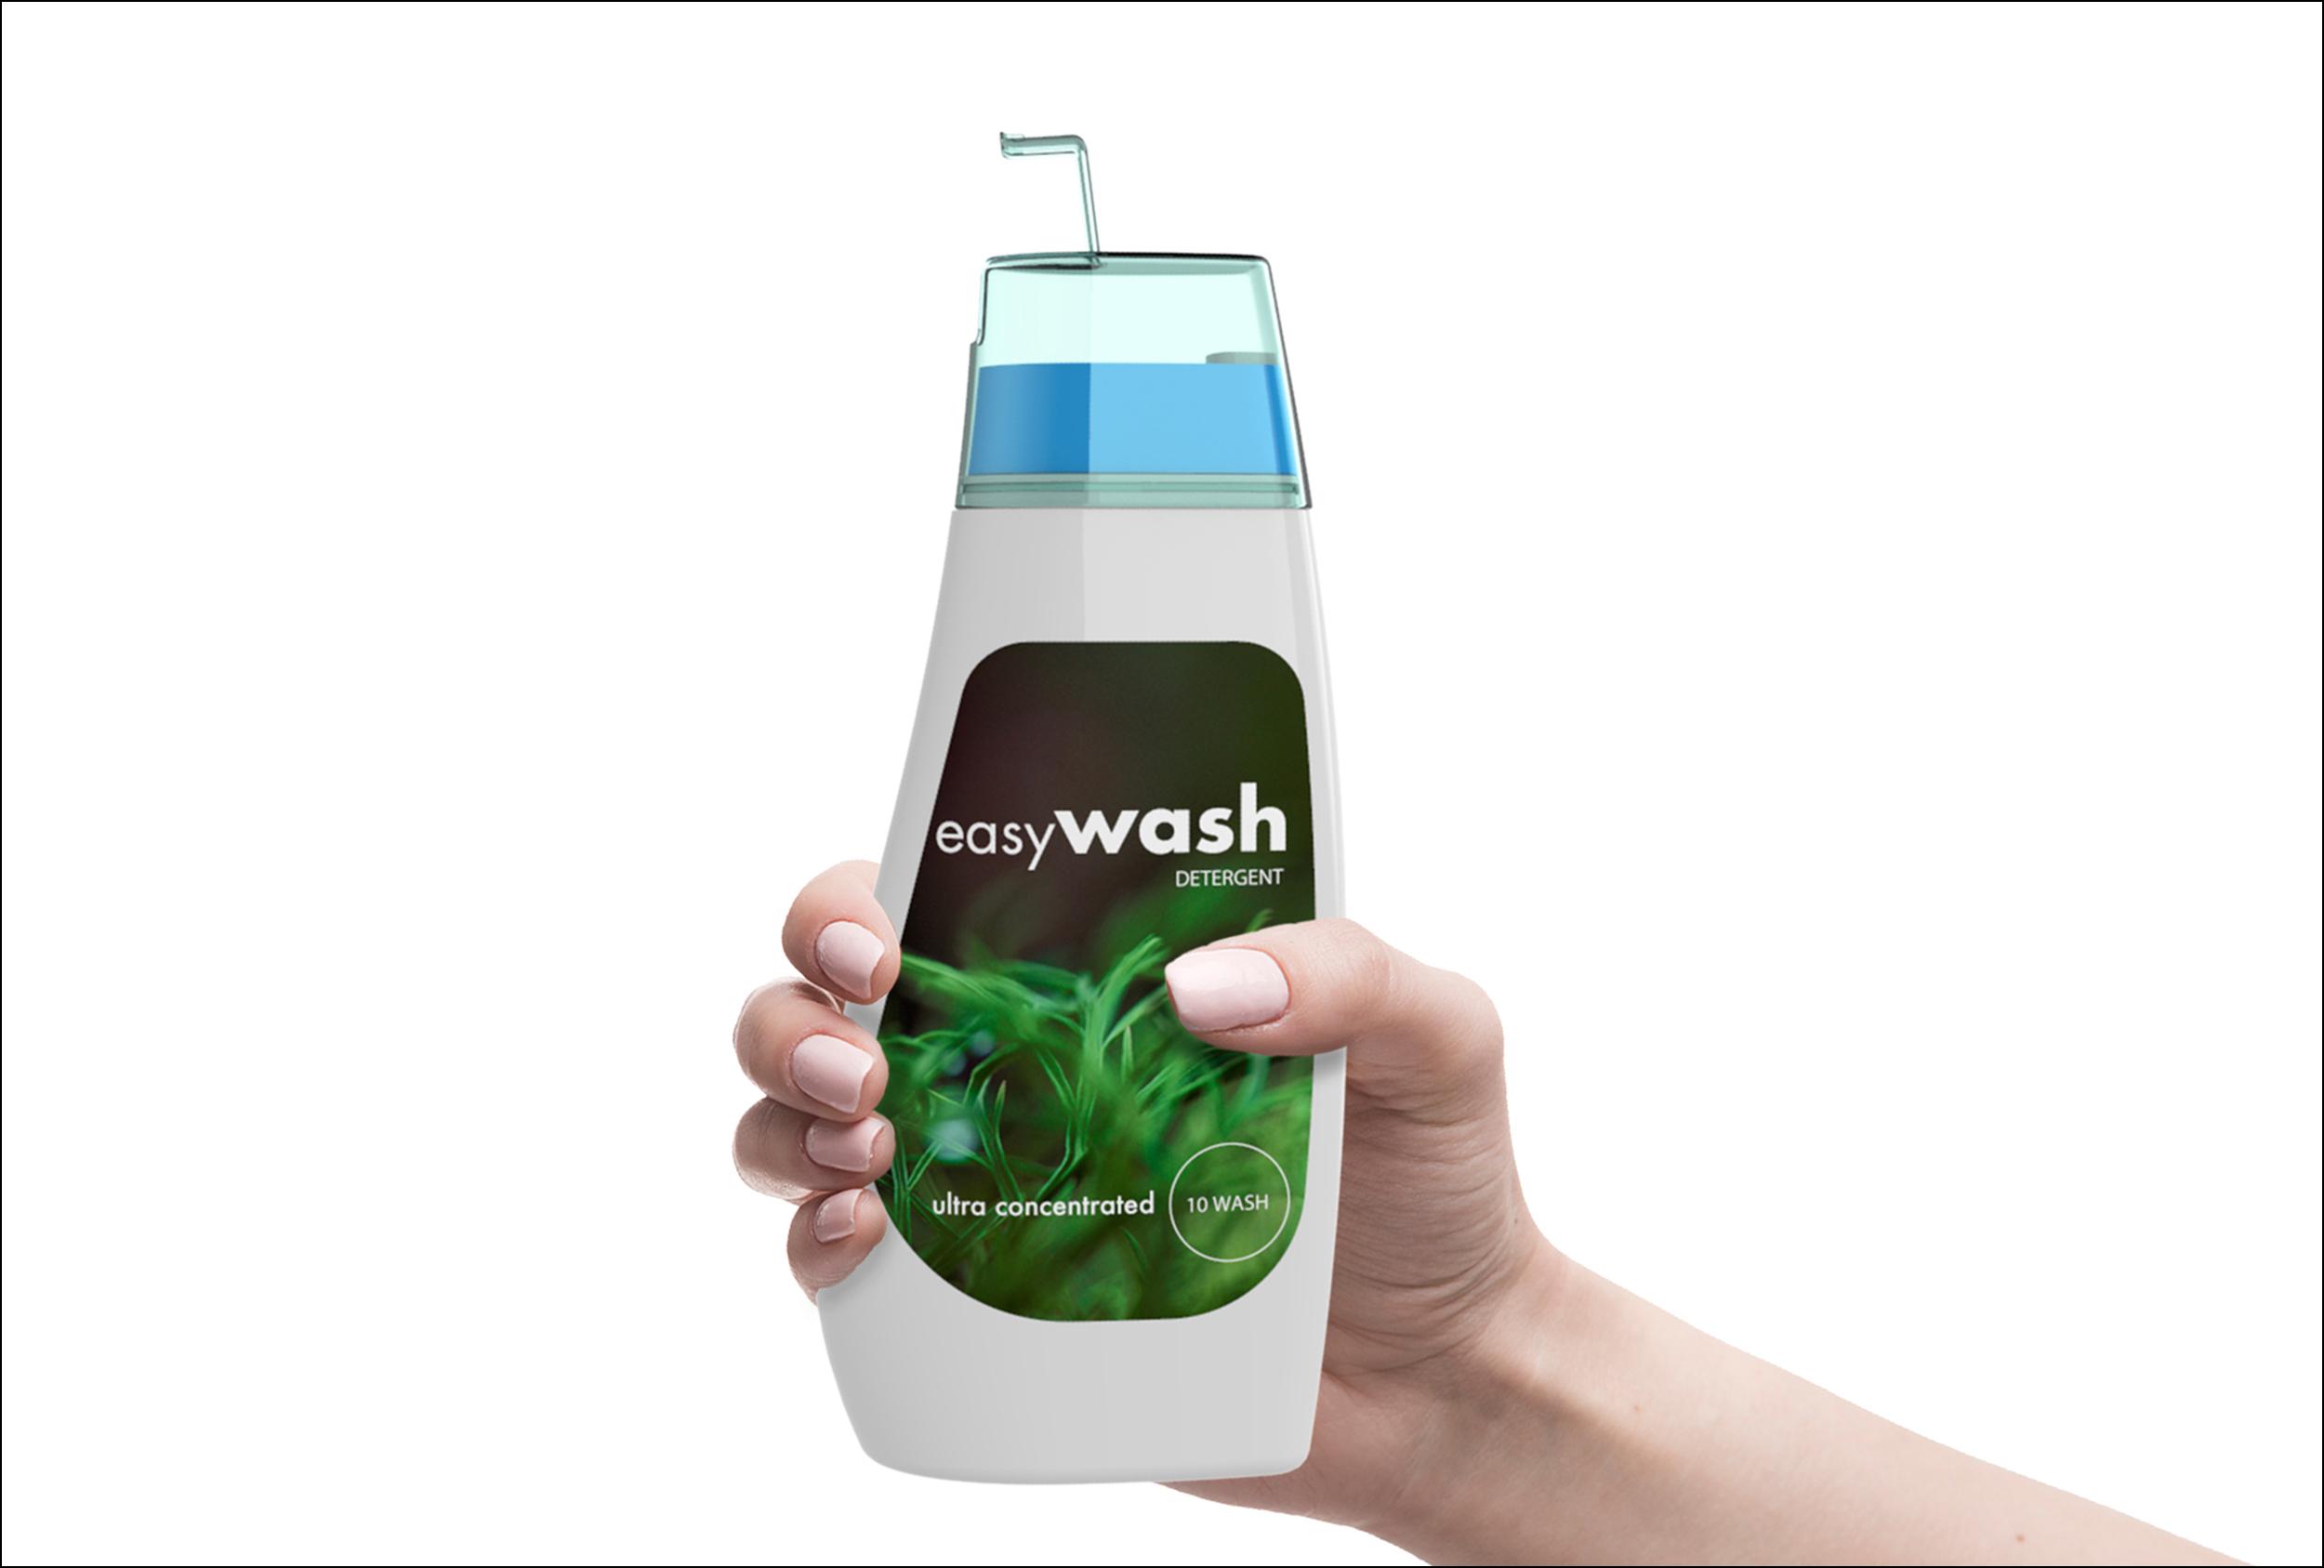 easywash3